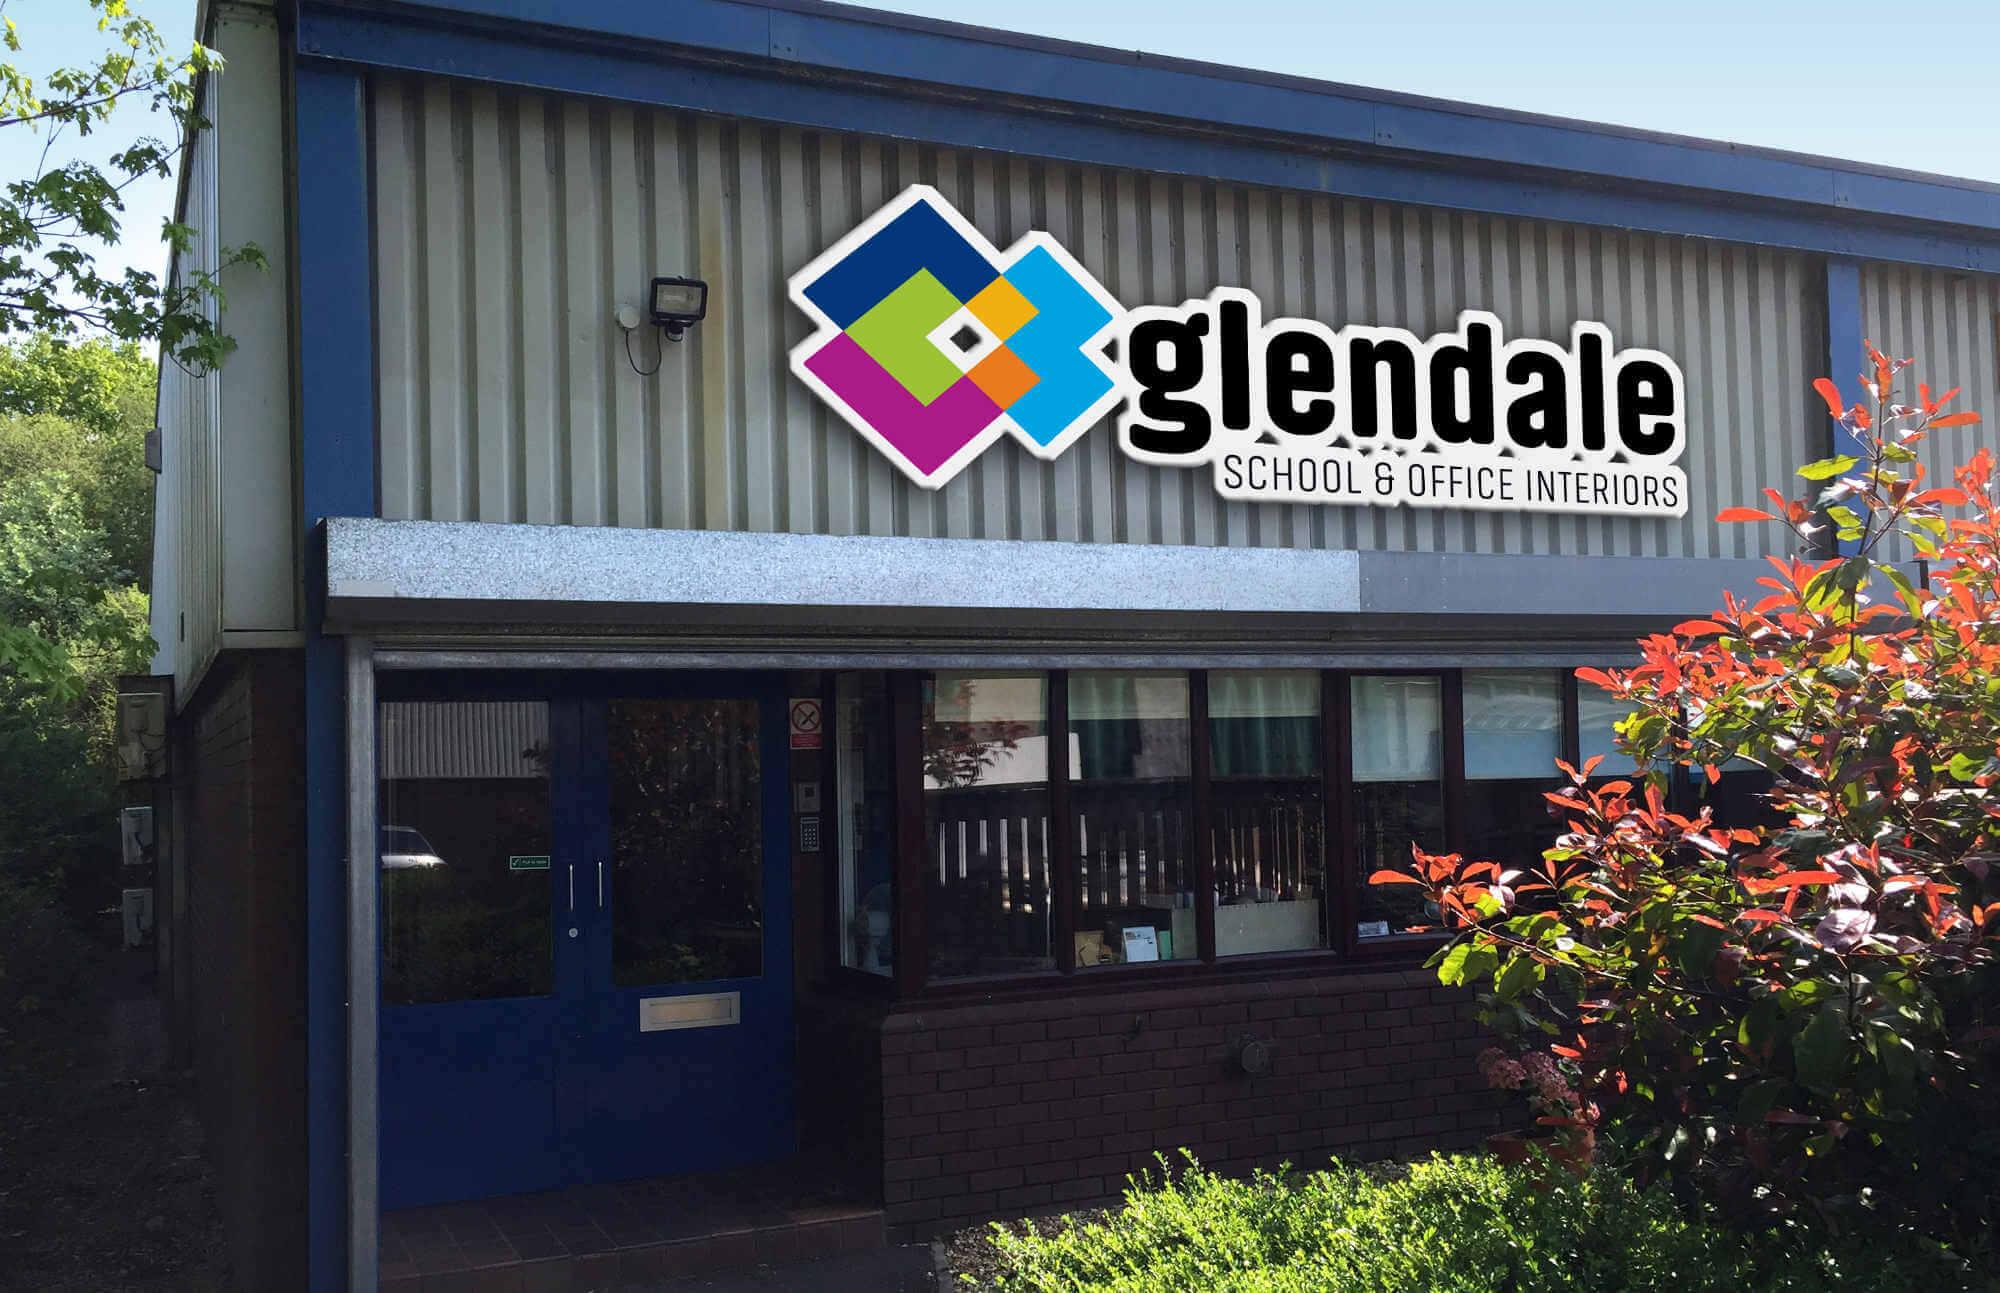 Glendale UK Office Signage